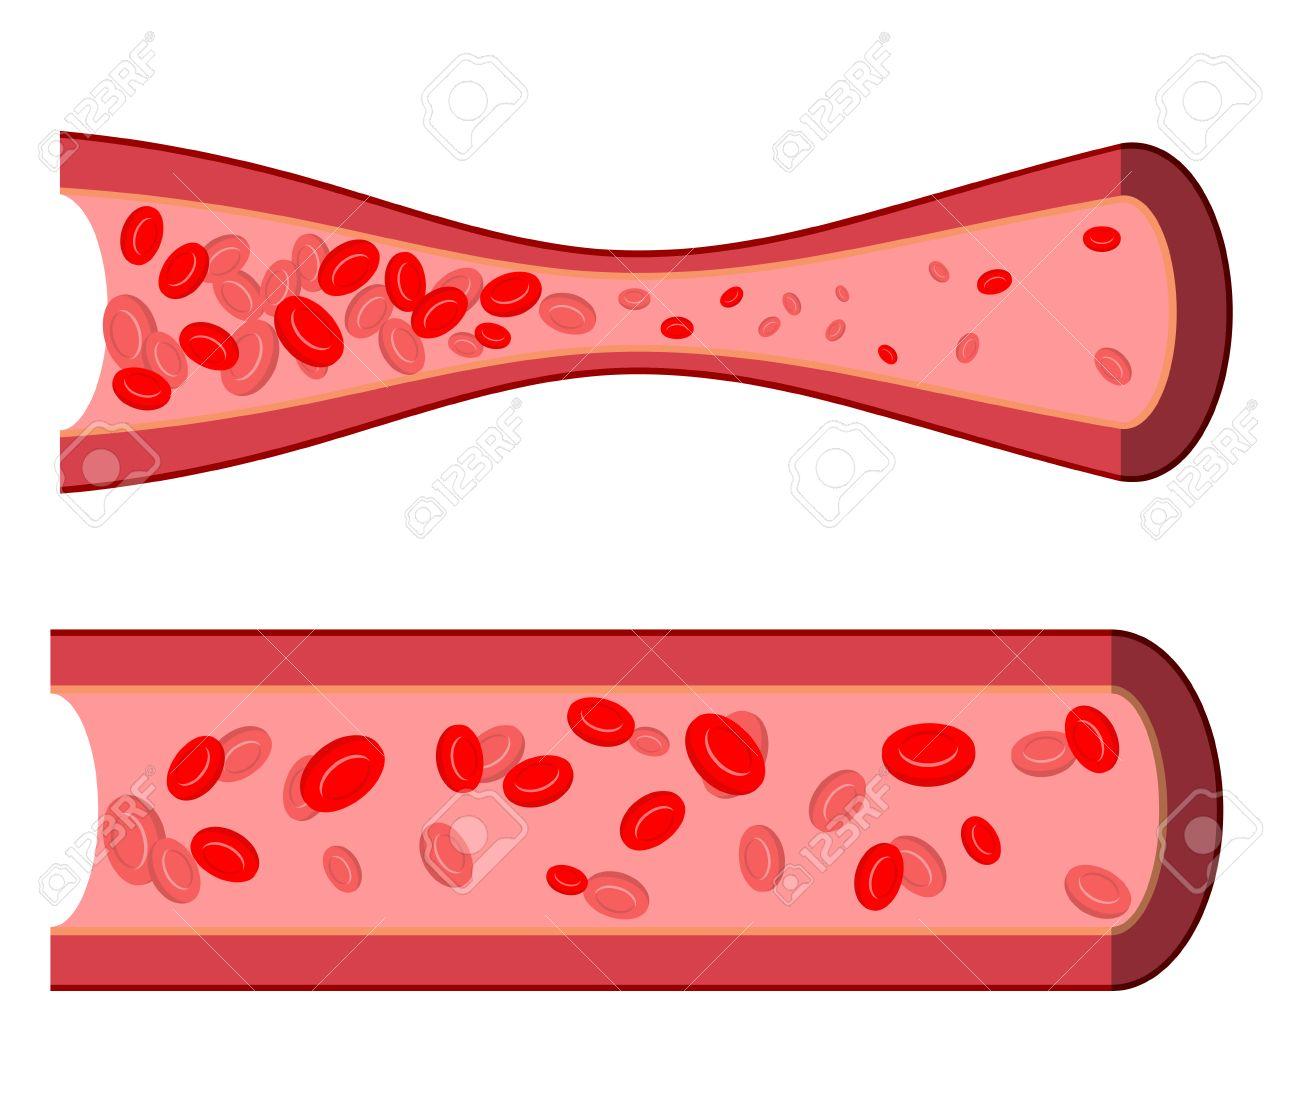 Arteria Sangriento. La Obstrucción De Los Vasos Sanguíneos. Arteria ...